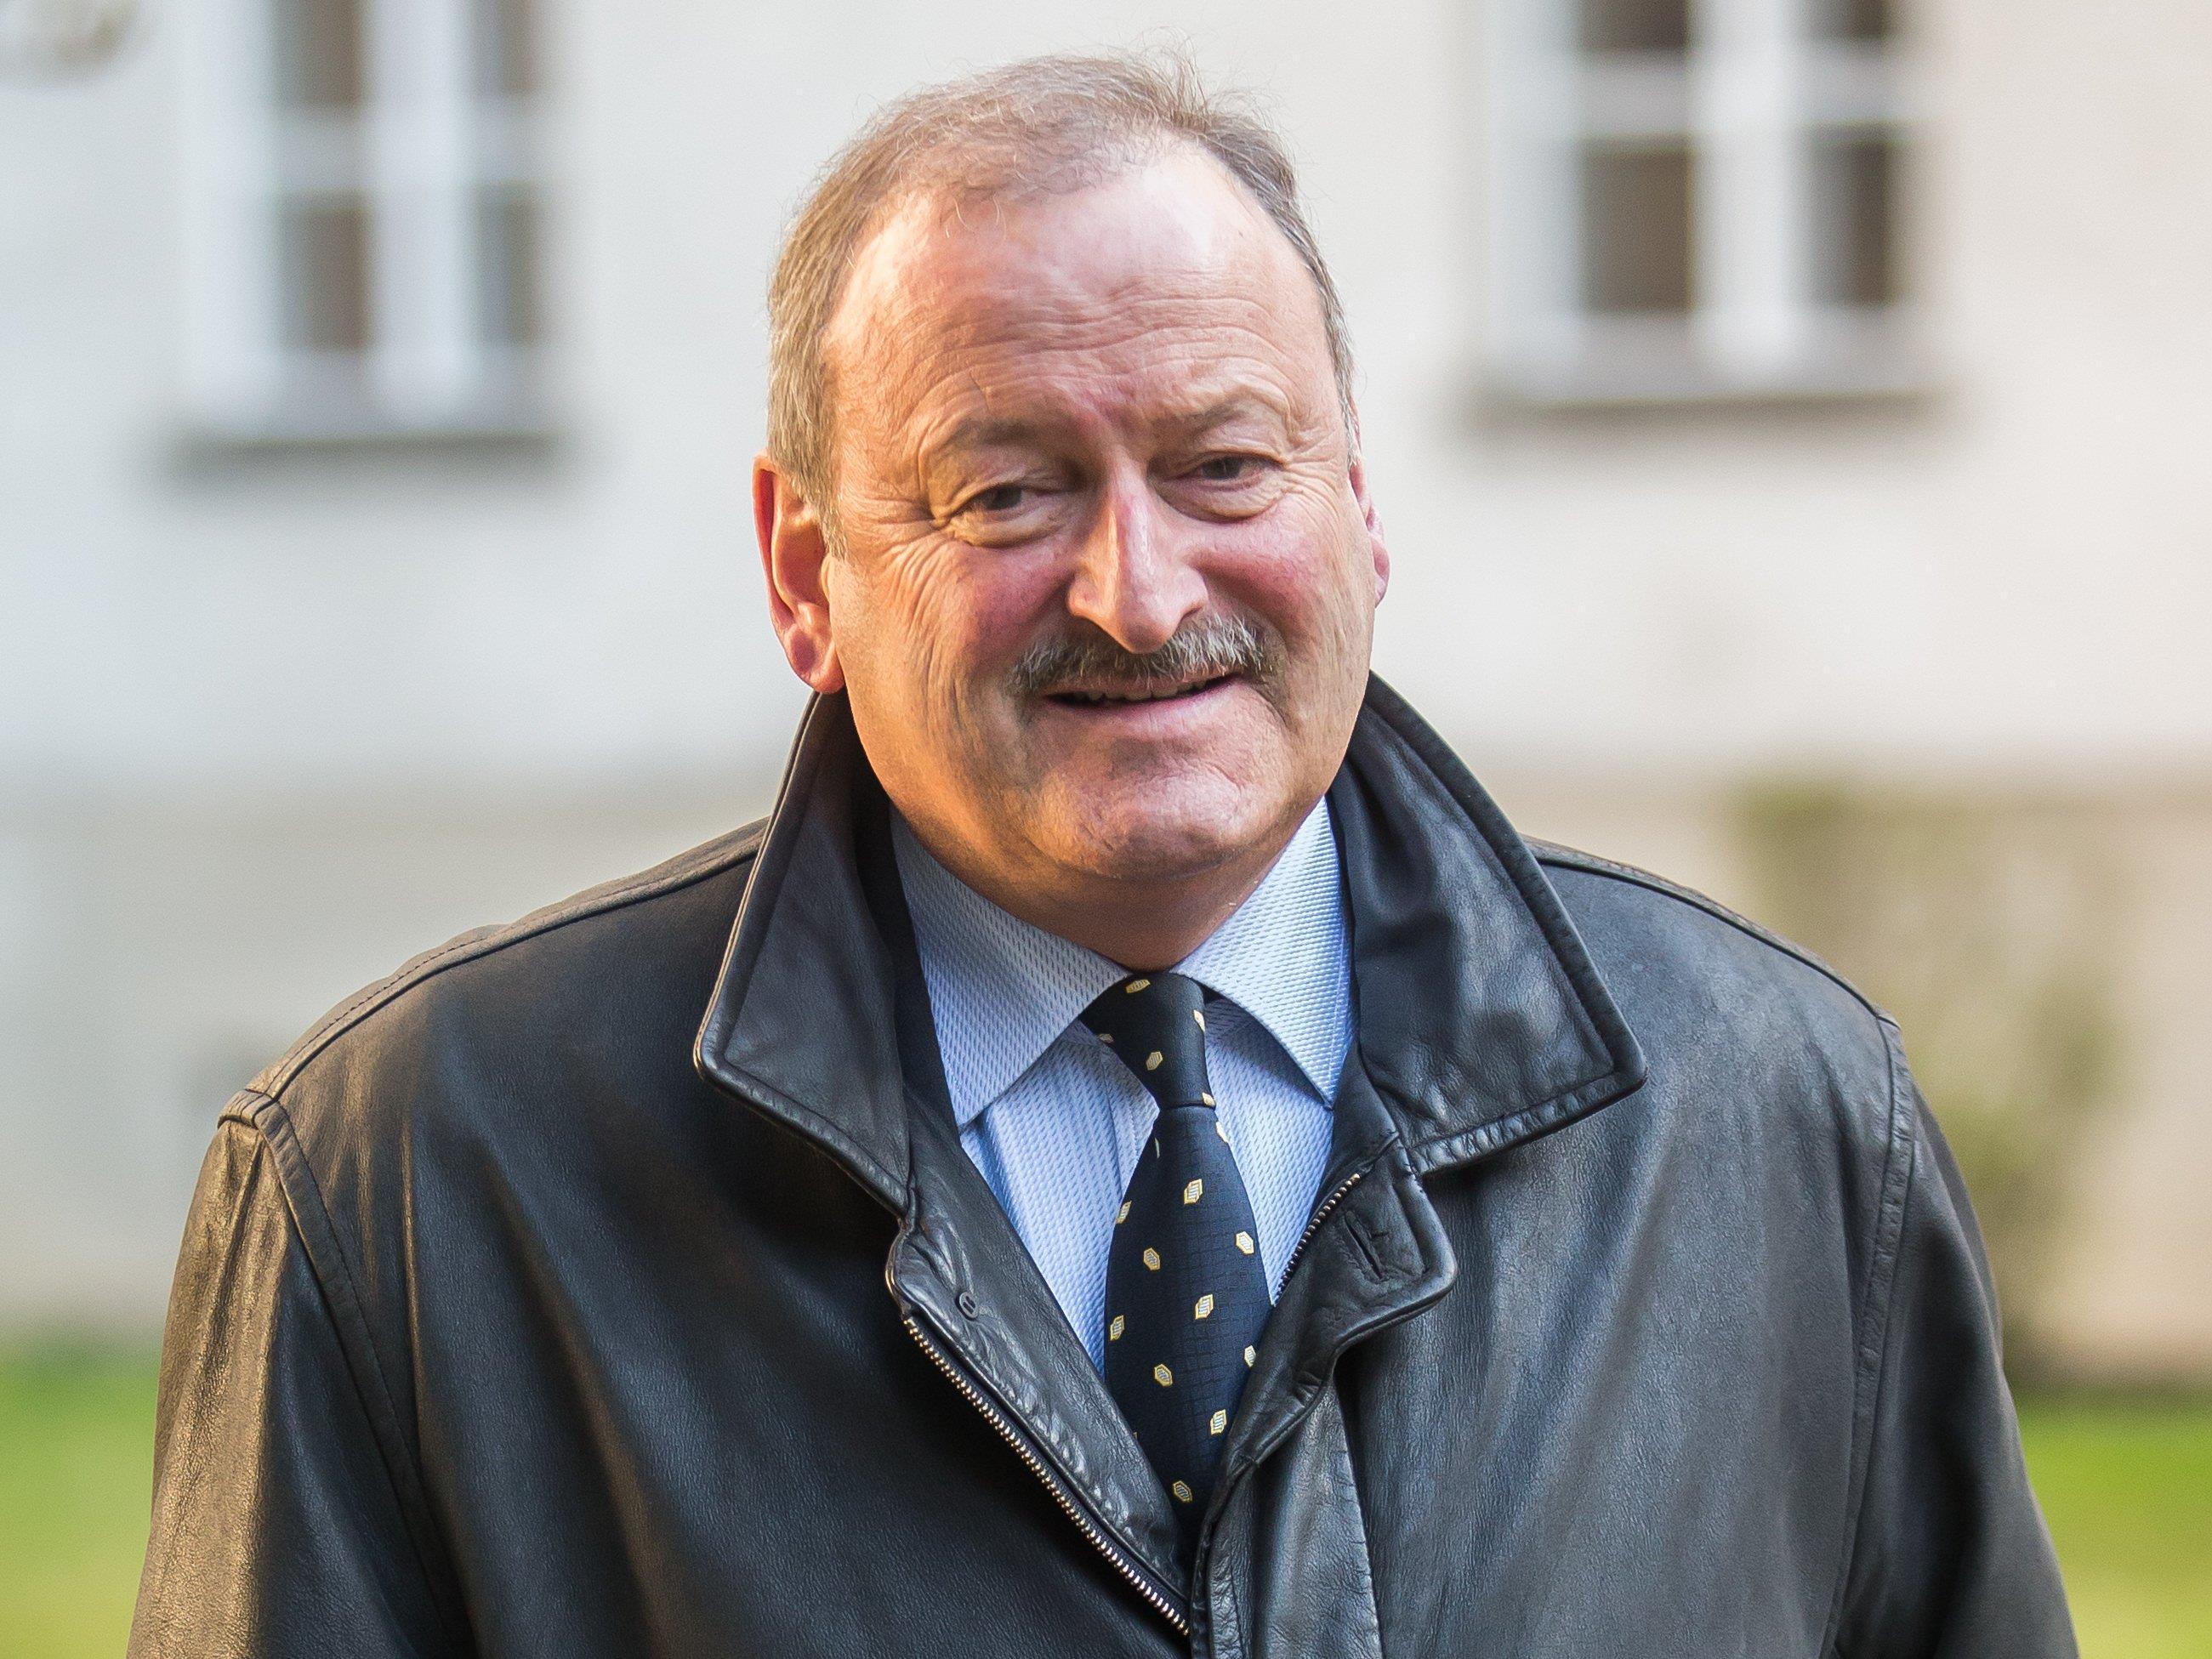 Hubert Gorbach ist im Visier der Justiz.